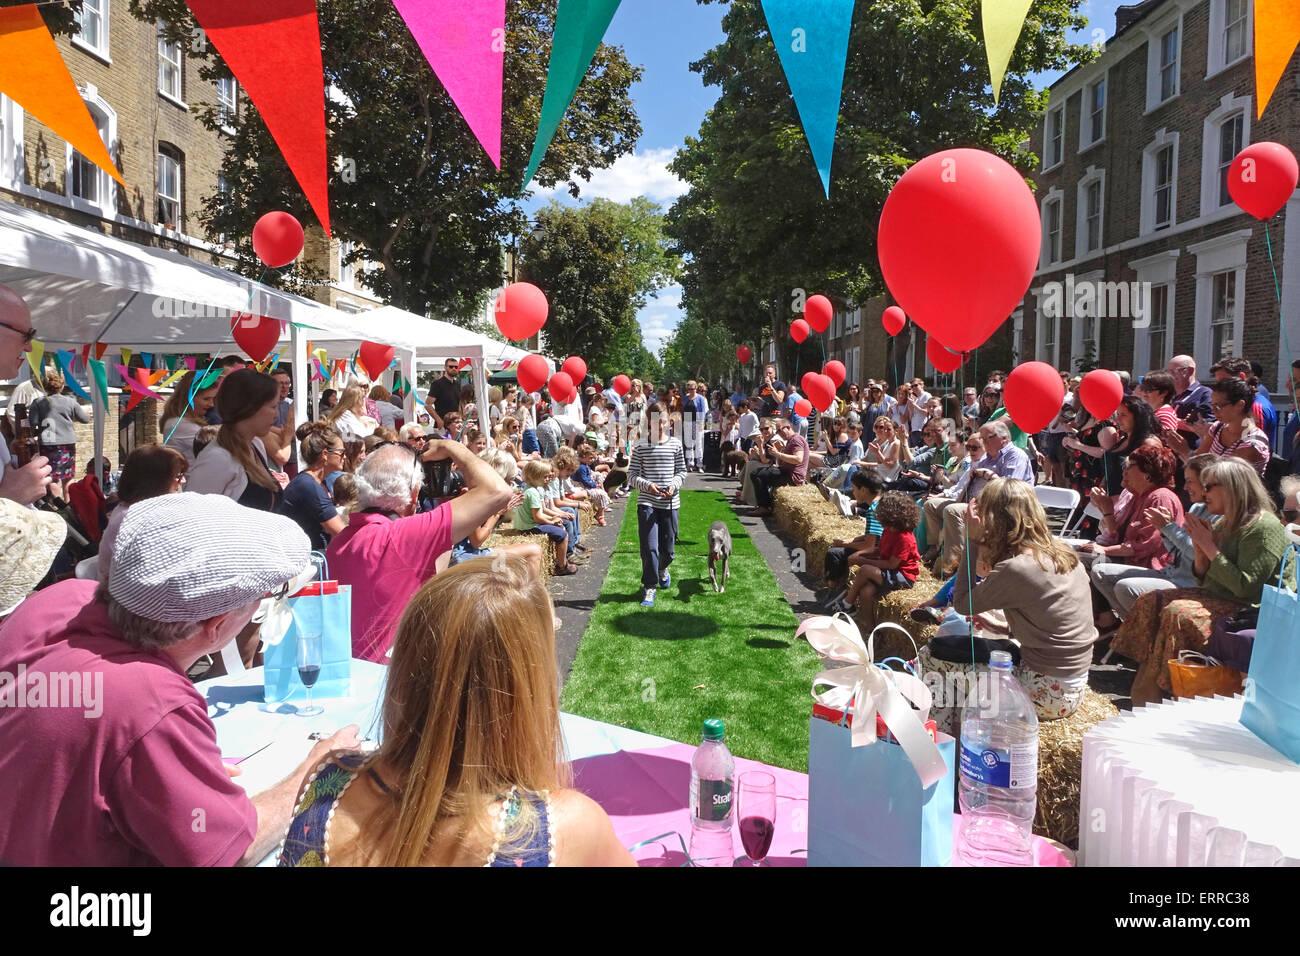 Islington, Londres, 7 juin 2015. Un jour ensoleillé à la grande fête de rue Le Déjeuner en route Englefield, et Banque D'Images